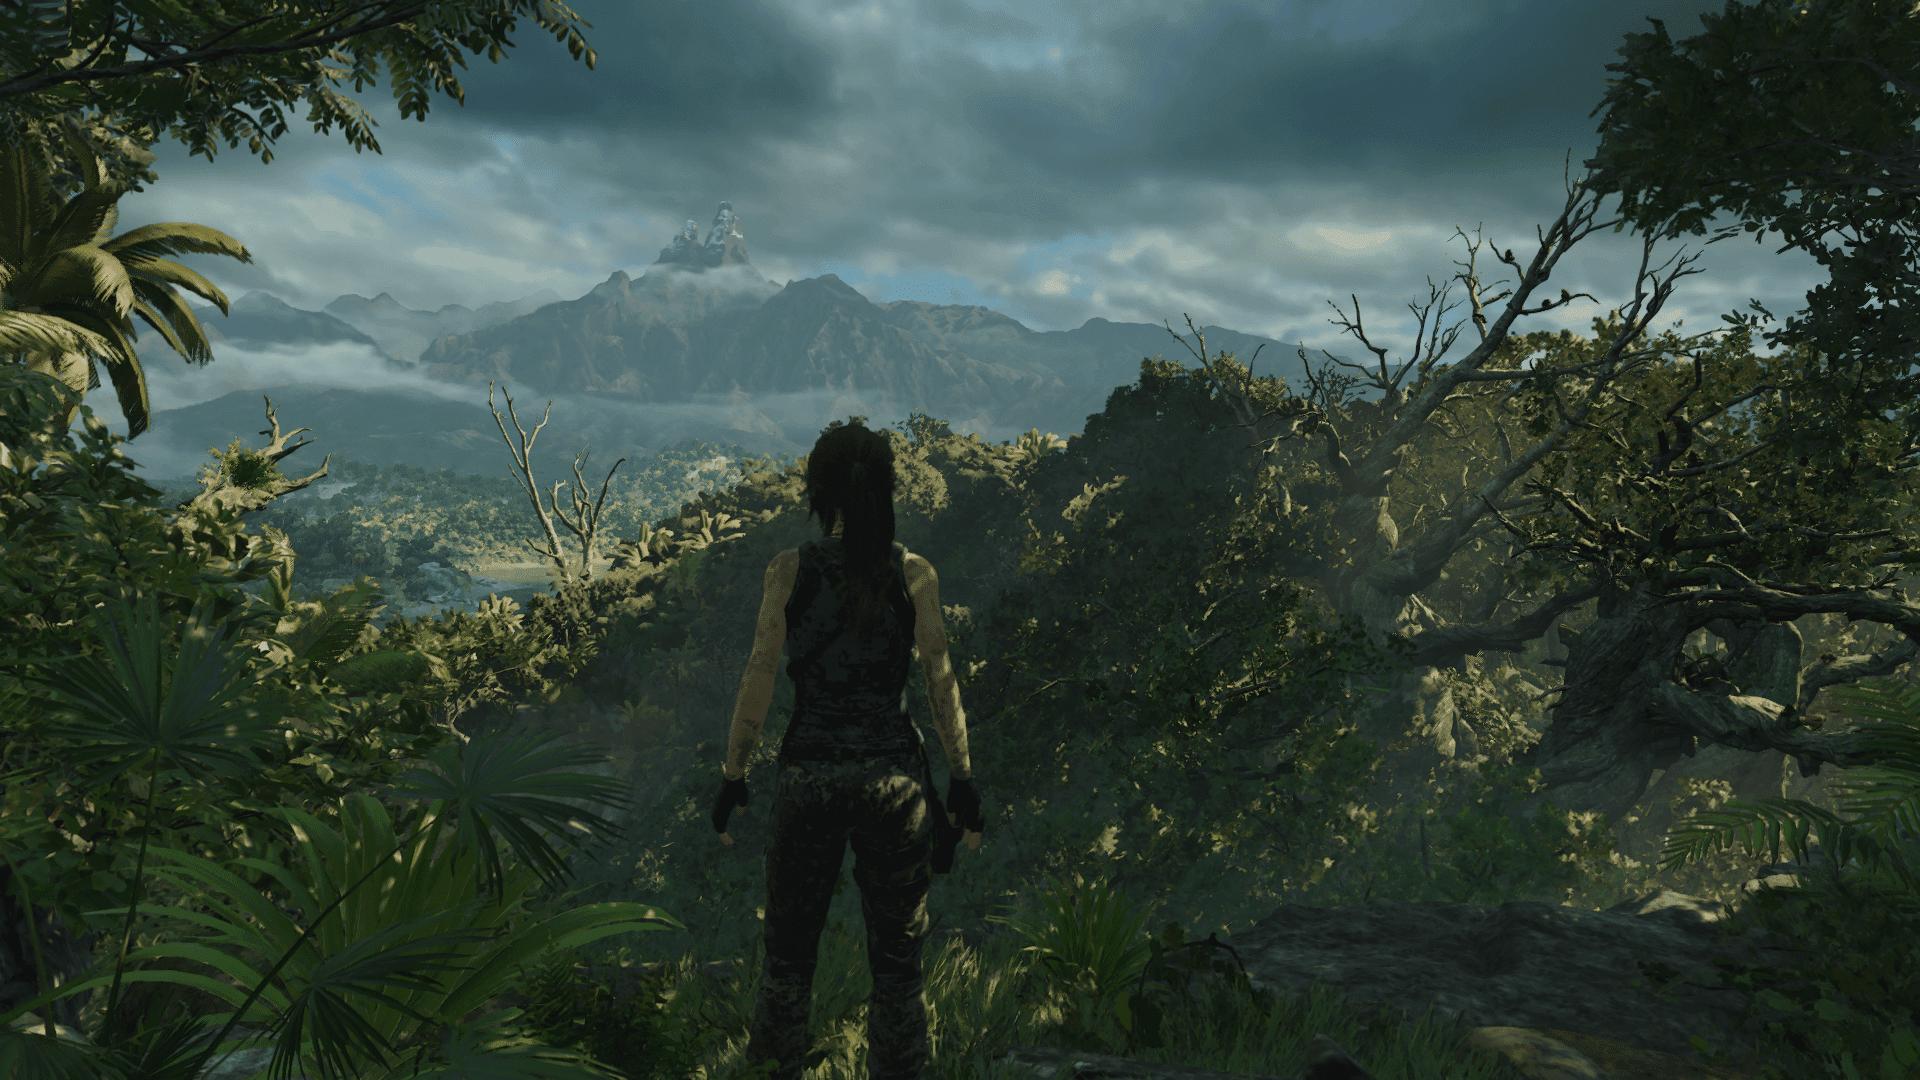 medio2 1 - Shadow of The Tomb Raider - Recensione come gira su PC